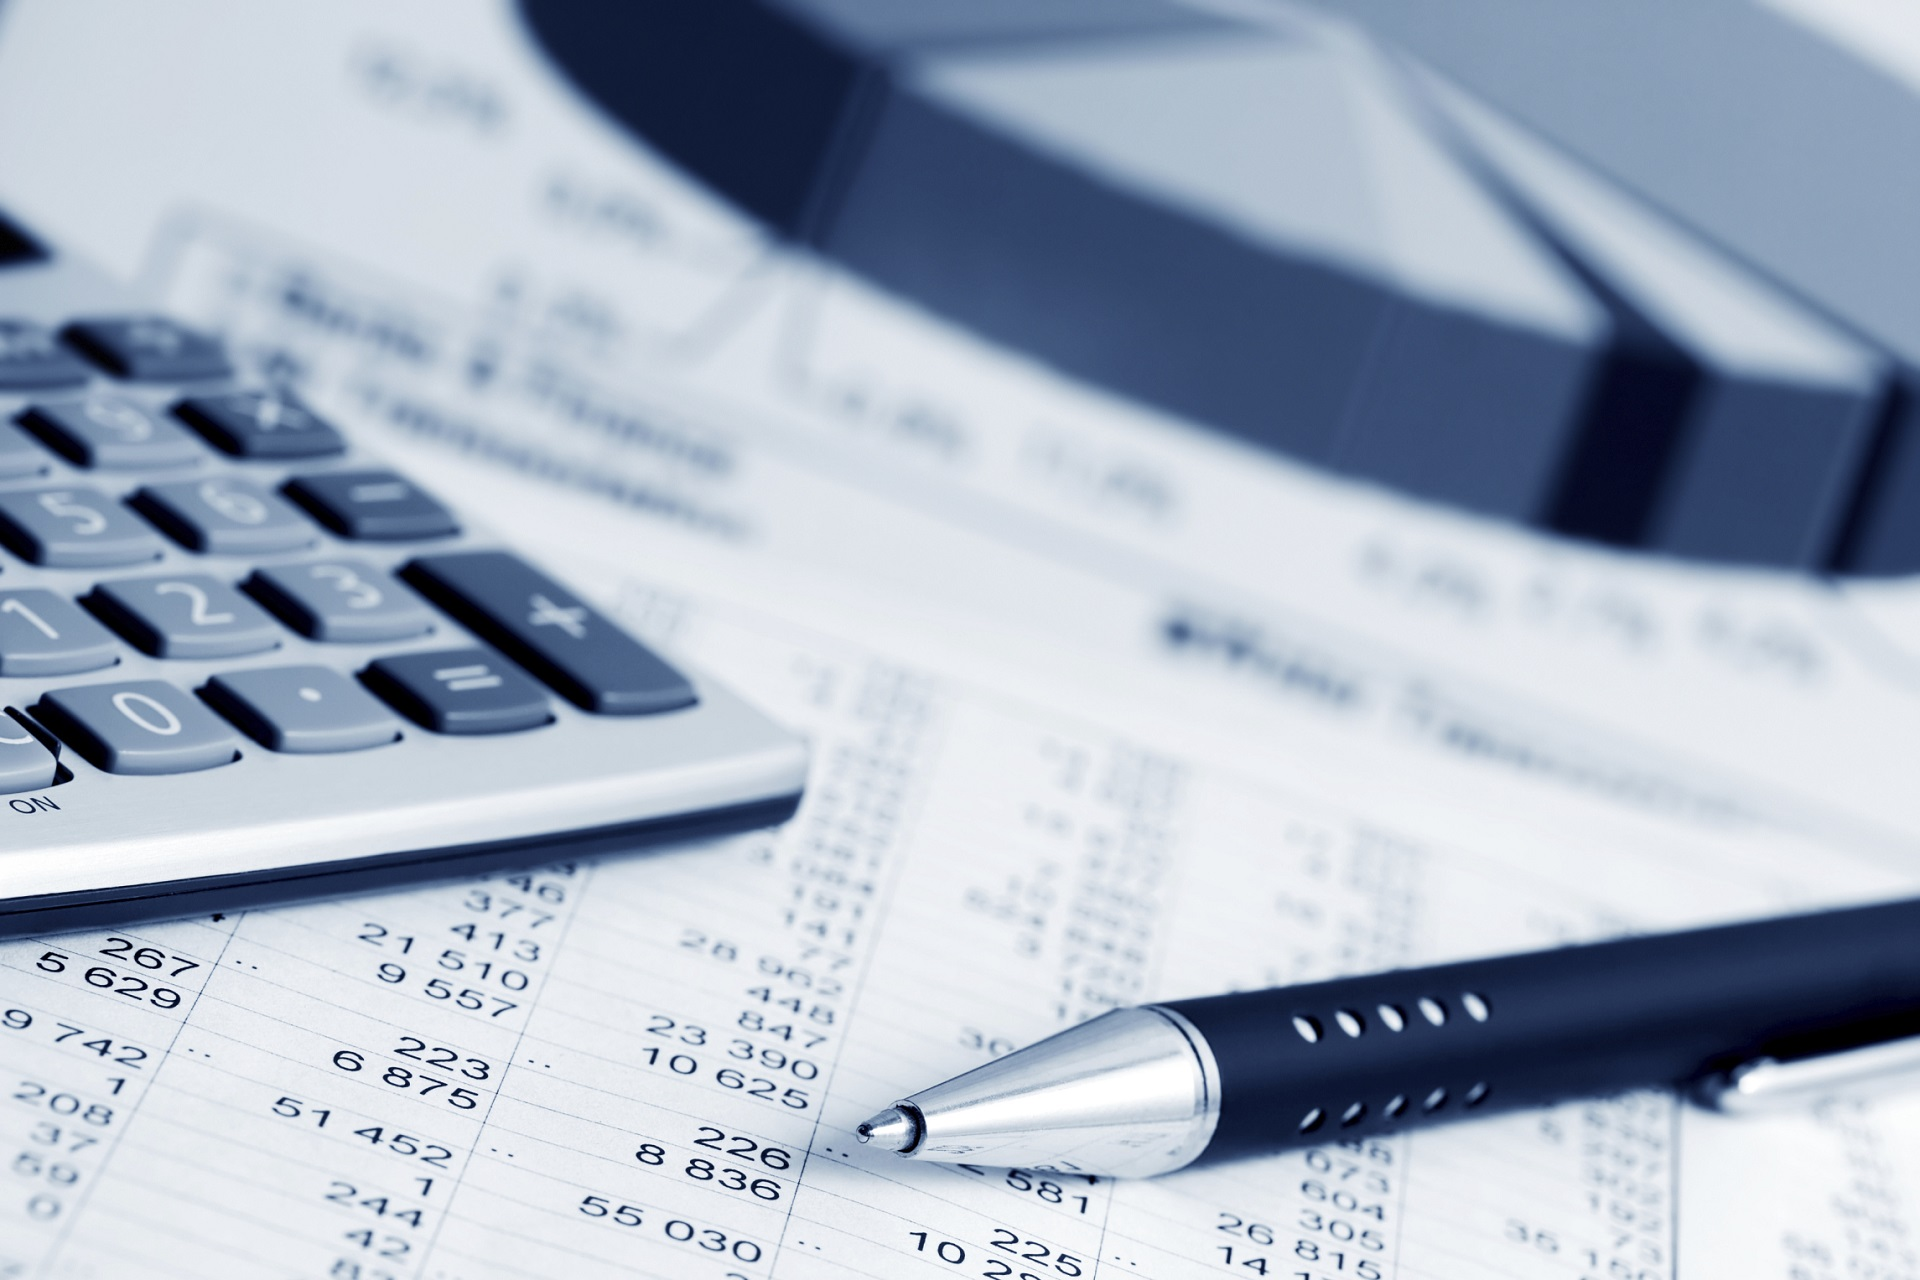 Система налогообложения в Виде ЕНВД курсовая загрузить Система налогообложения в виде енвд курсовая подробнее